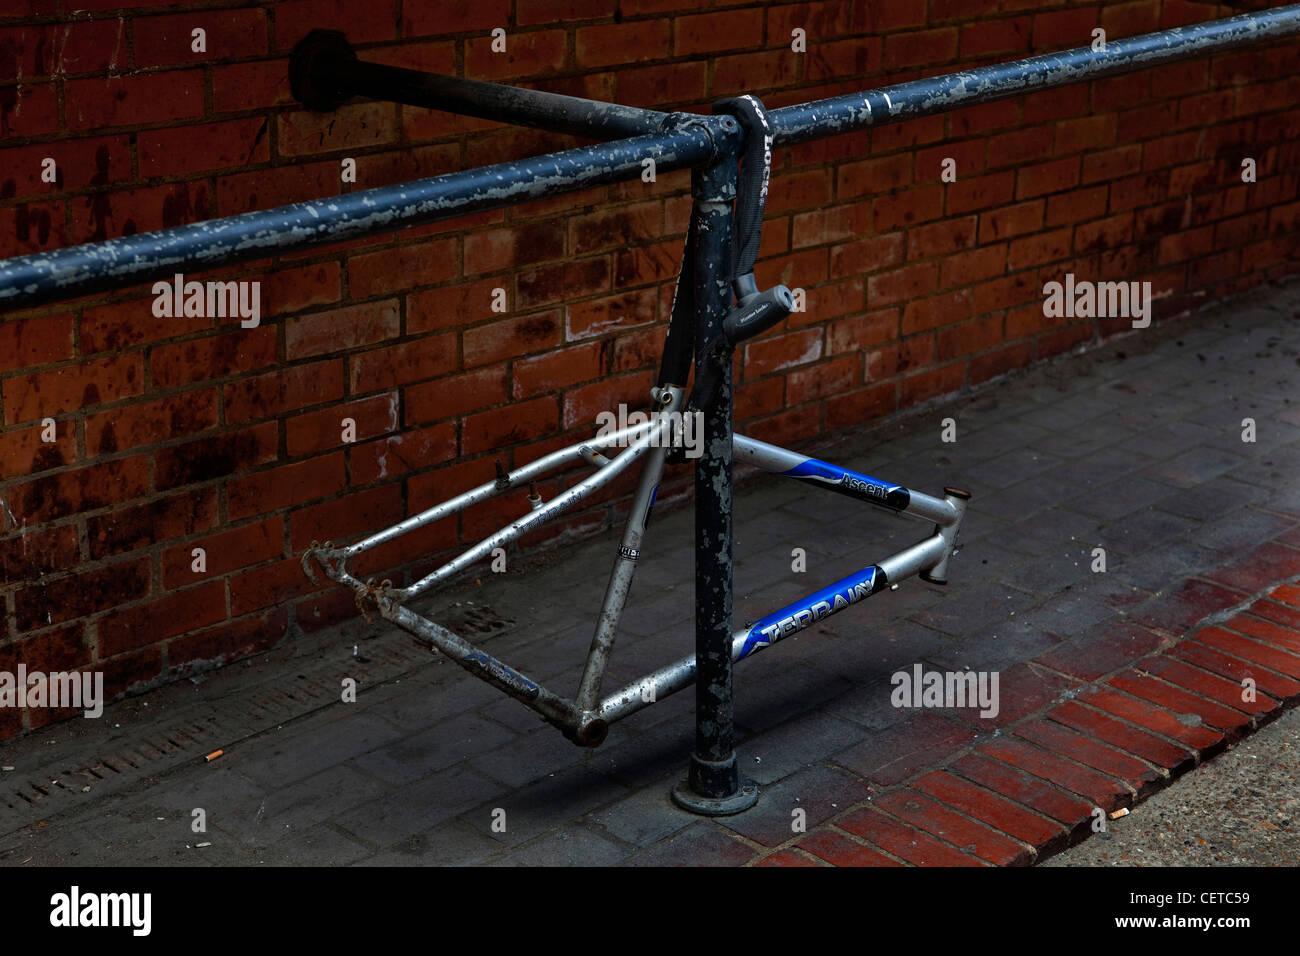 Der Rahmen bleibt eines gestohlenen Fahrrades, London Stockbild